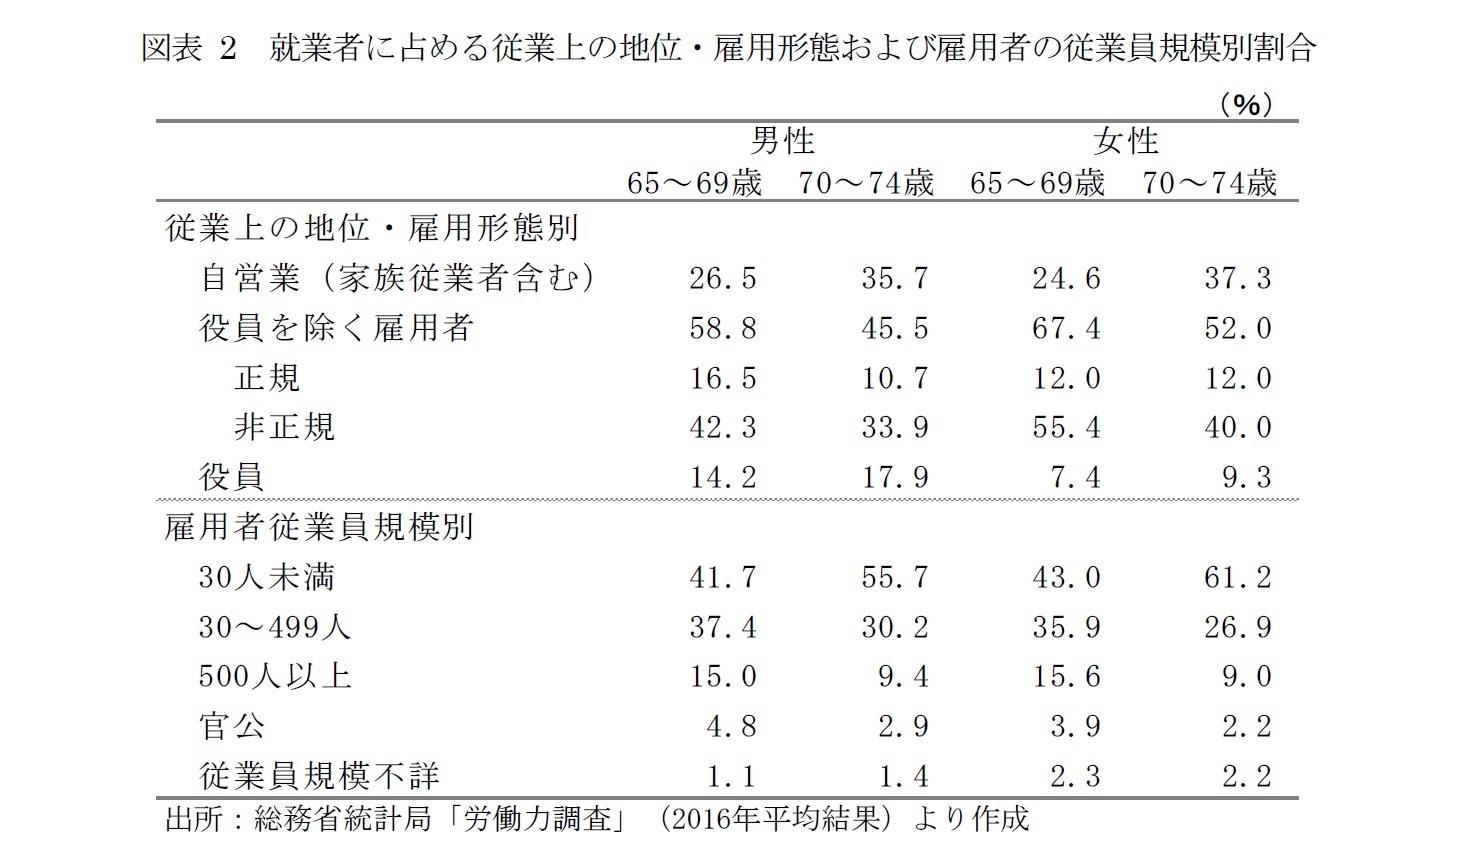 図表2 就業者に占める従業上の地位・雇用形態および雇用者の従業員規模別割合